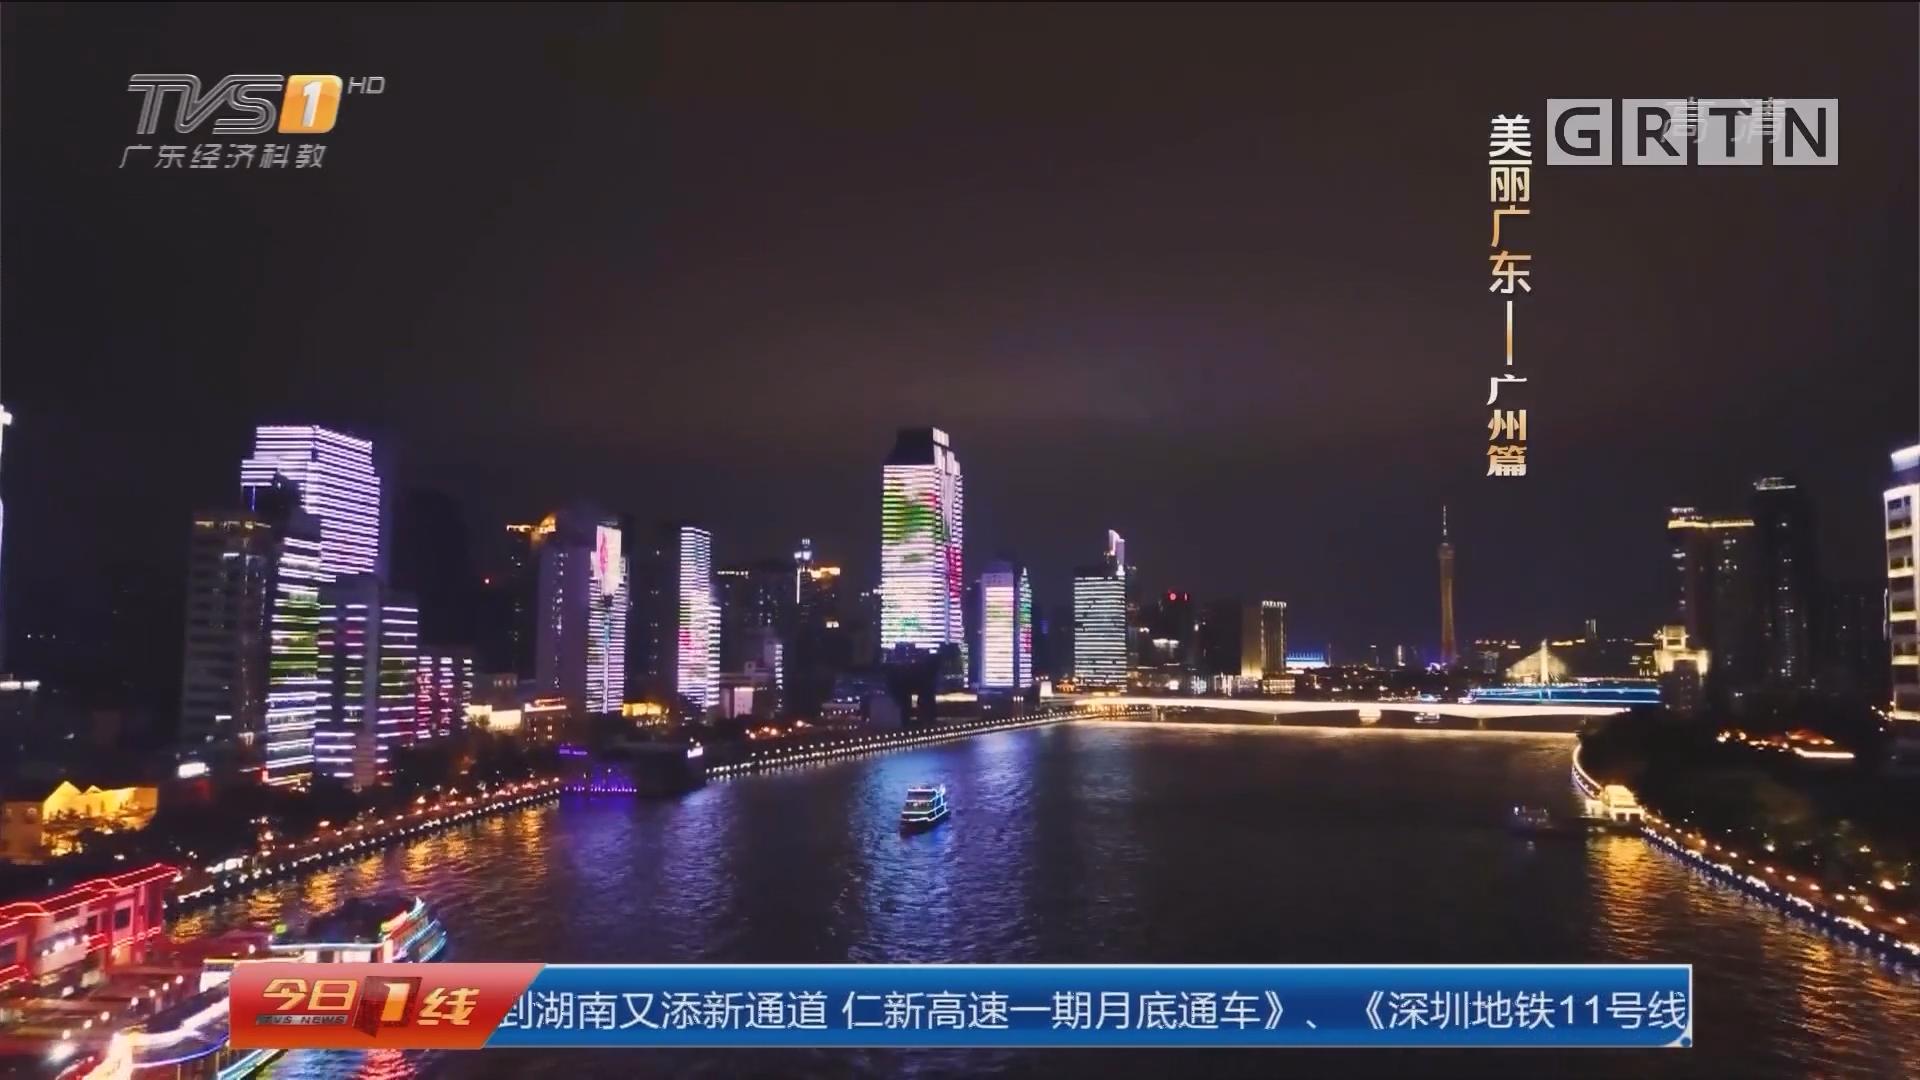 《财富》全球论坛:靓!夜色下的羊城美景